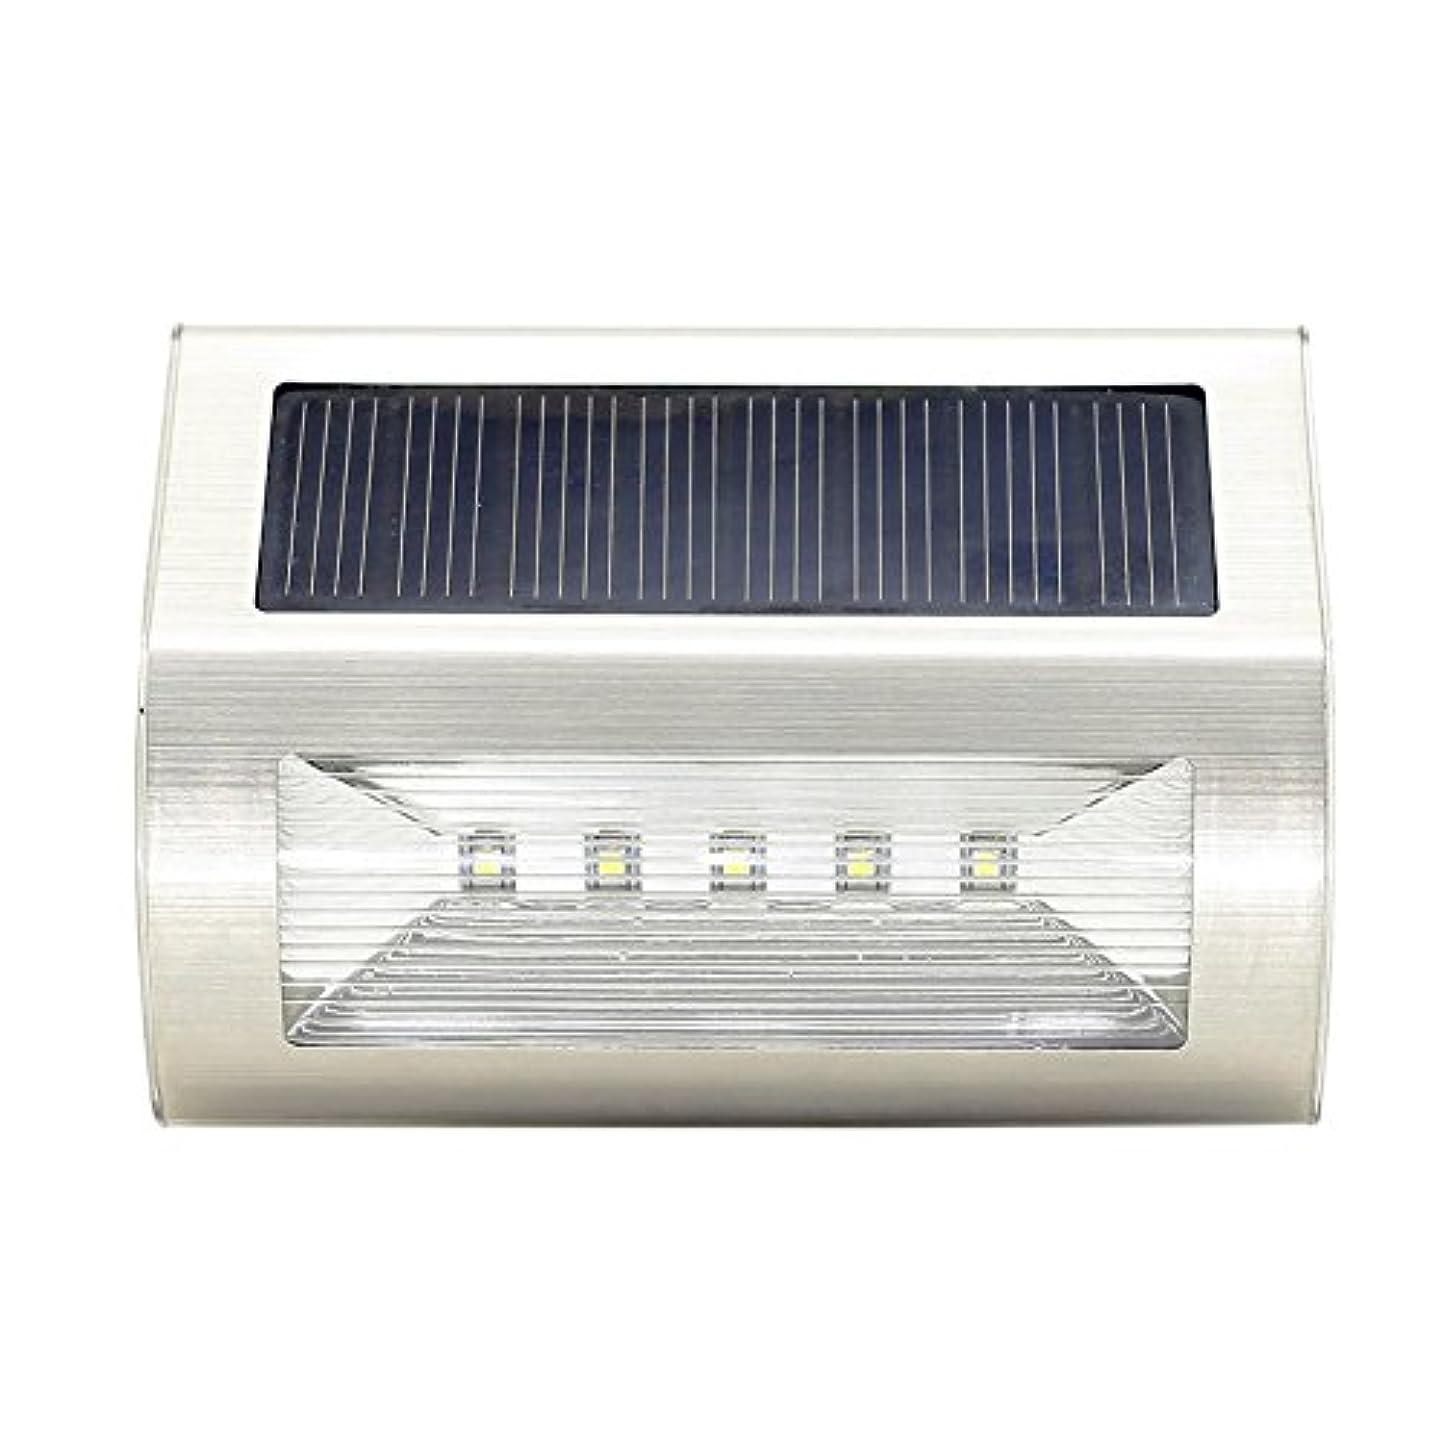 満員凍った敬礼ソーラーライト新しい5LEDステンレス鋼ソーラーウォールライト屋外防雨ソーラー階段ライトガーデンフットライト sundengy